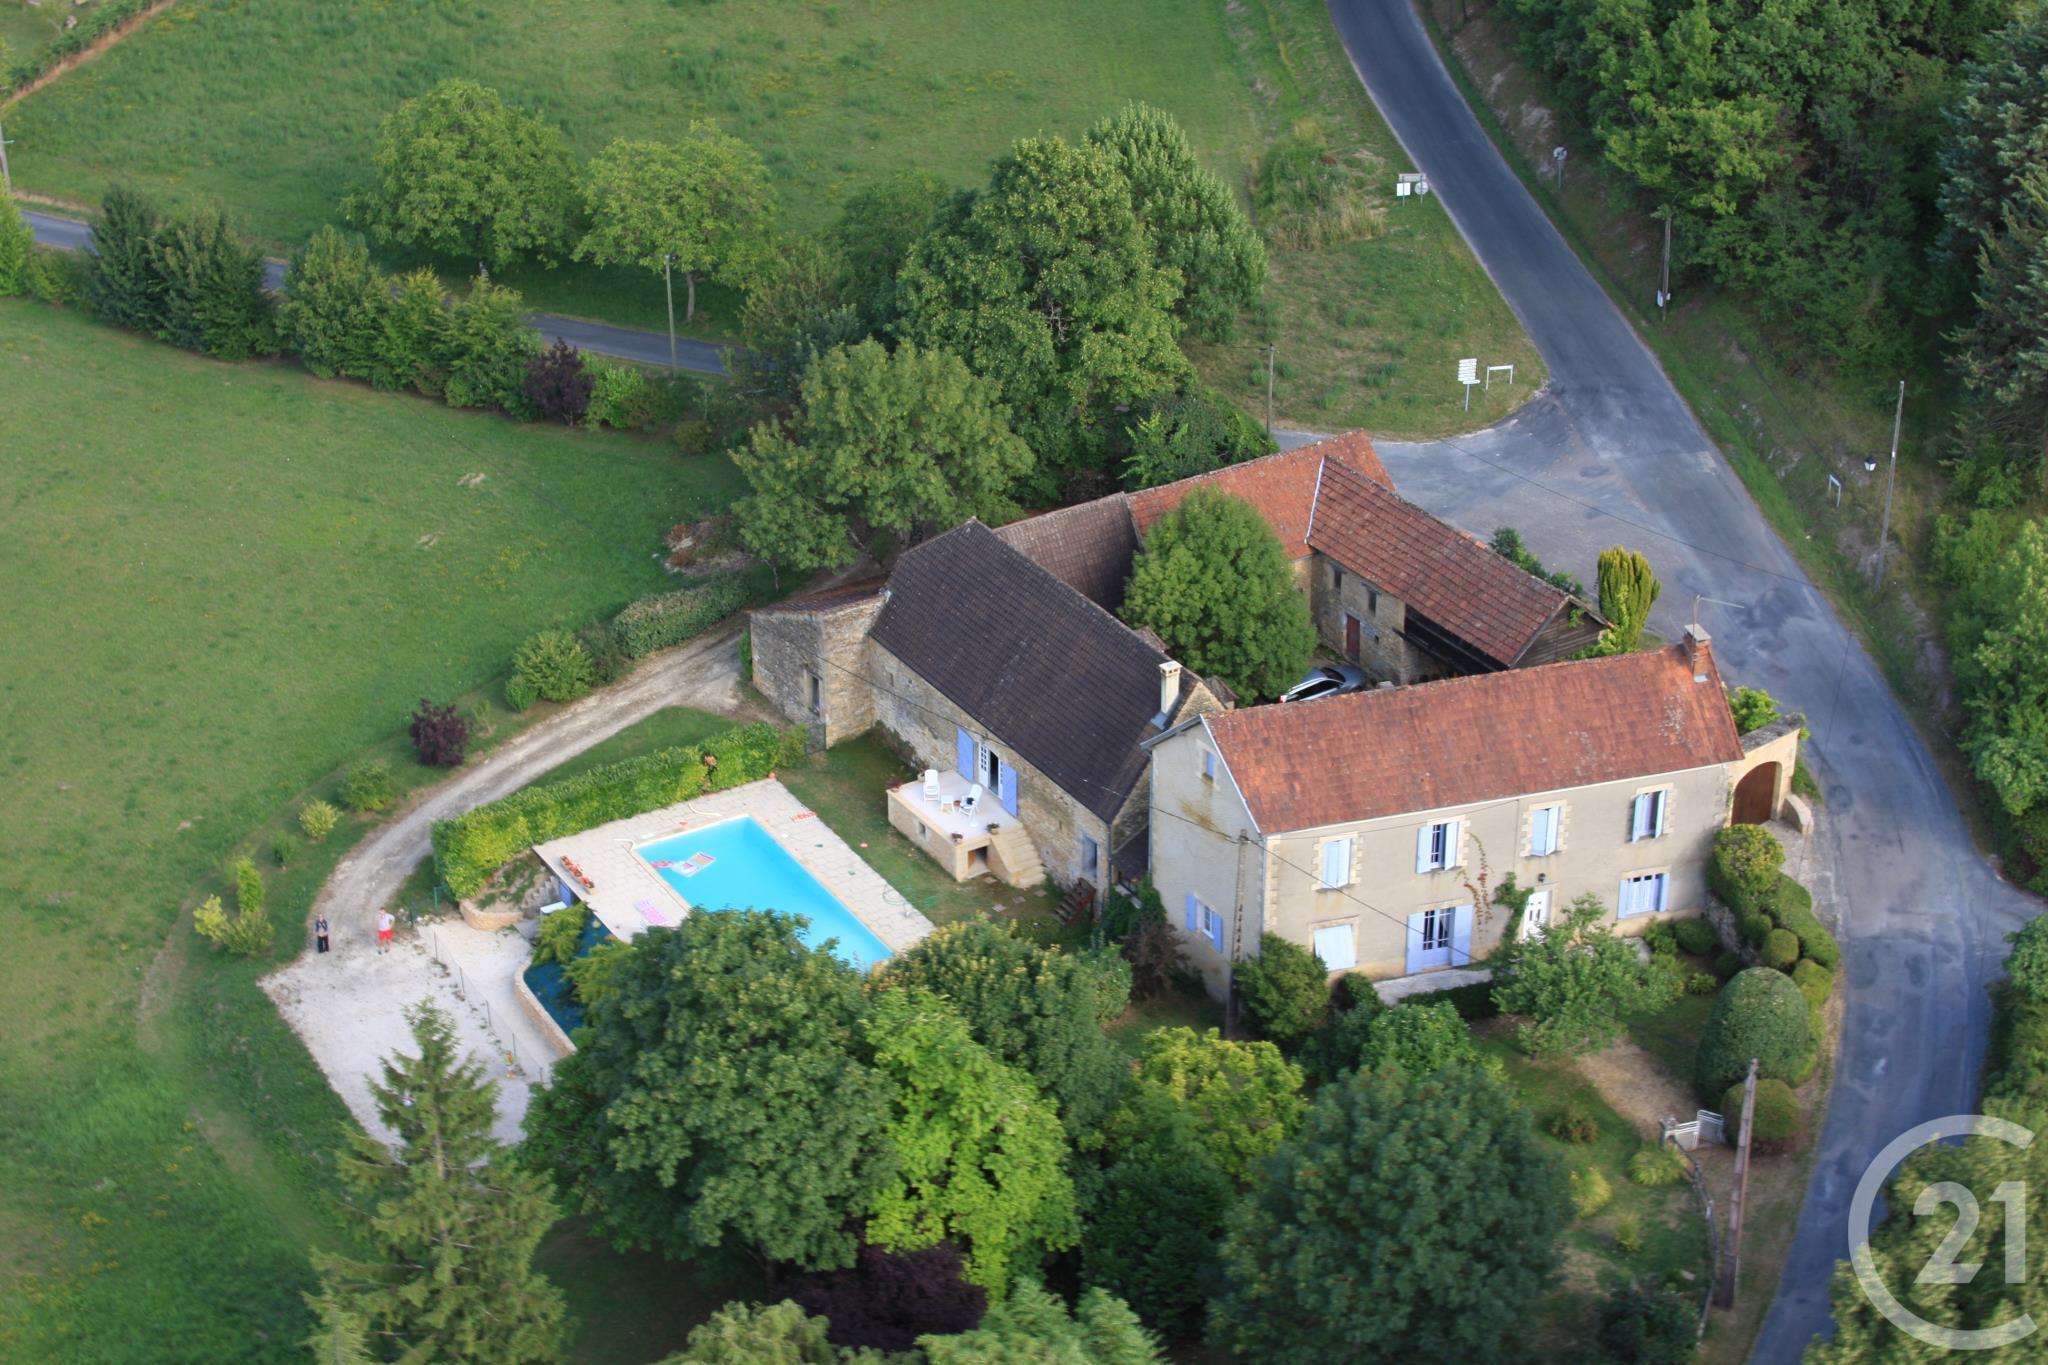 Maison A Vendre 7 Pieces 170 M2 Marcillac St Quentin 24